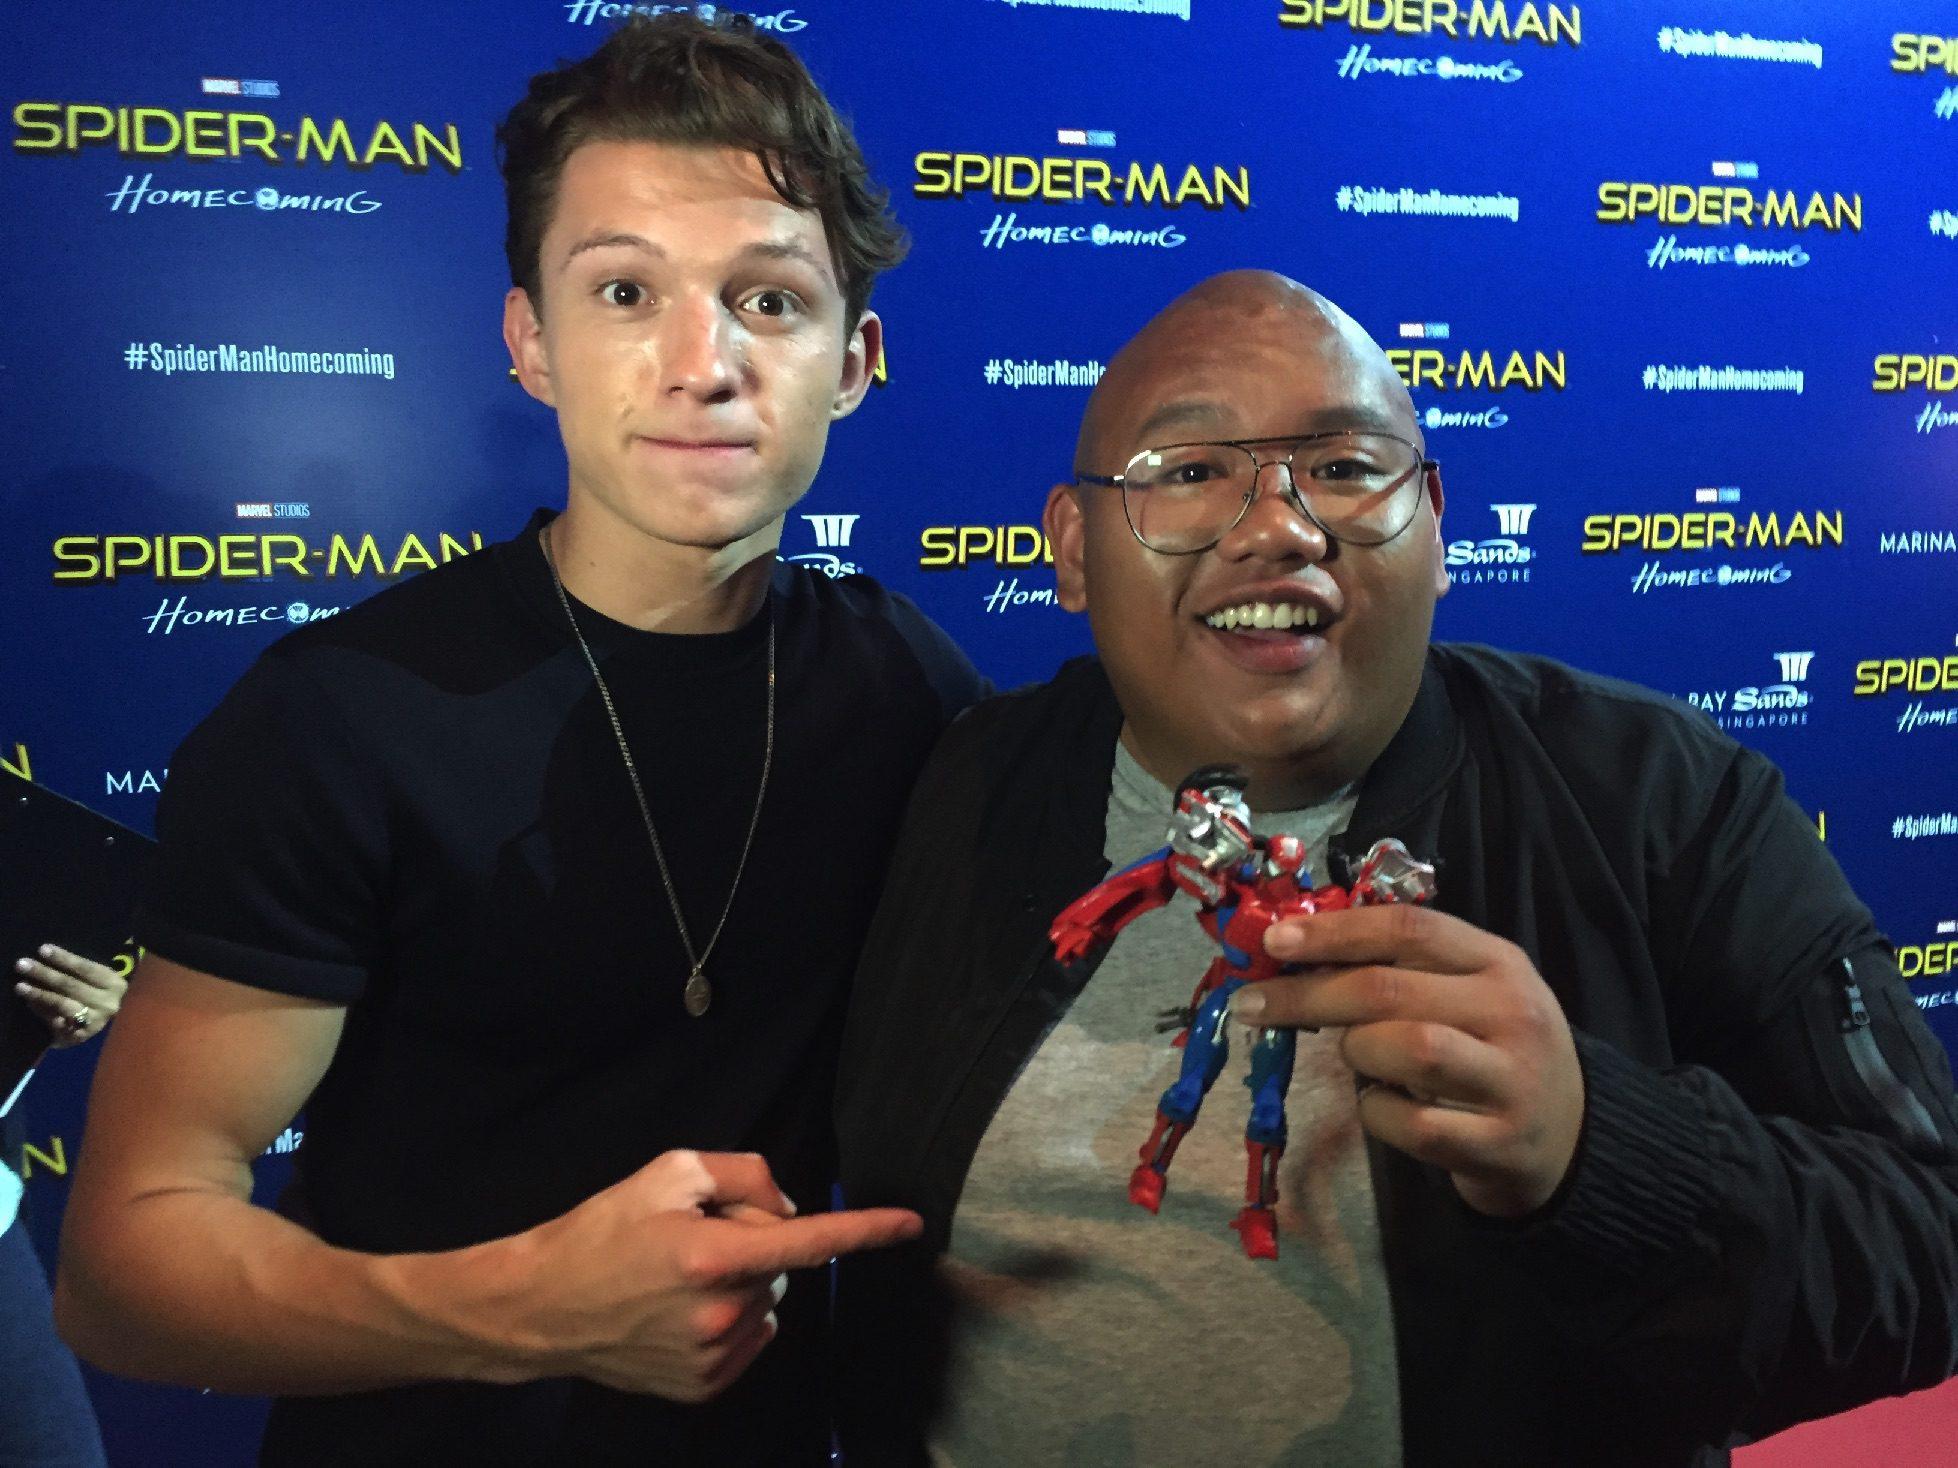 Tom Holland and Jacob Batalon and a Spider-Man Transformer.